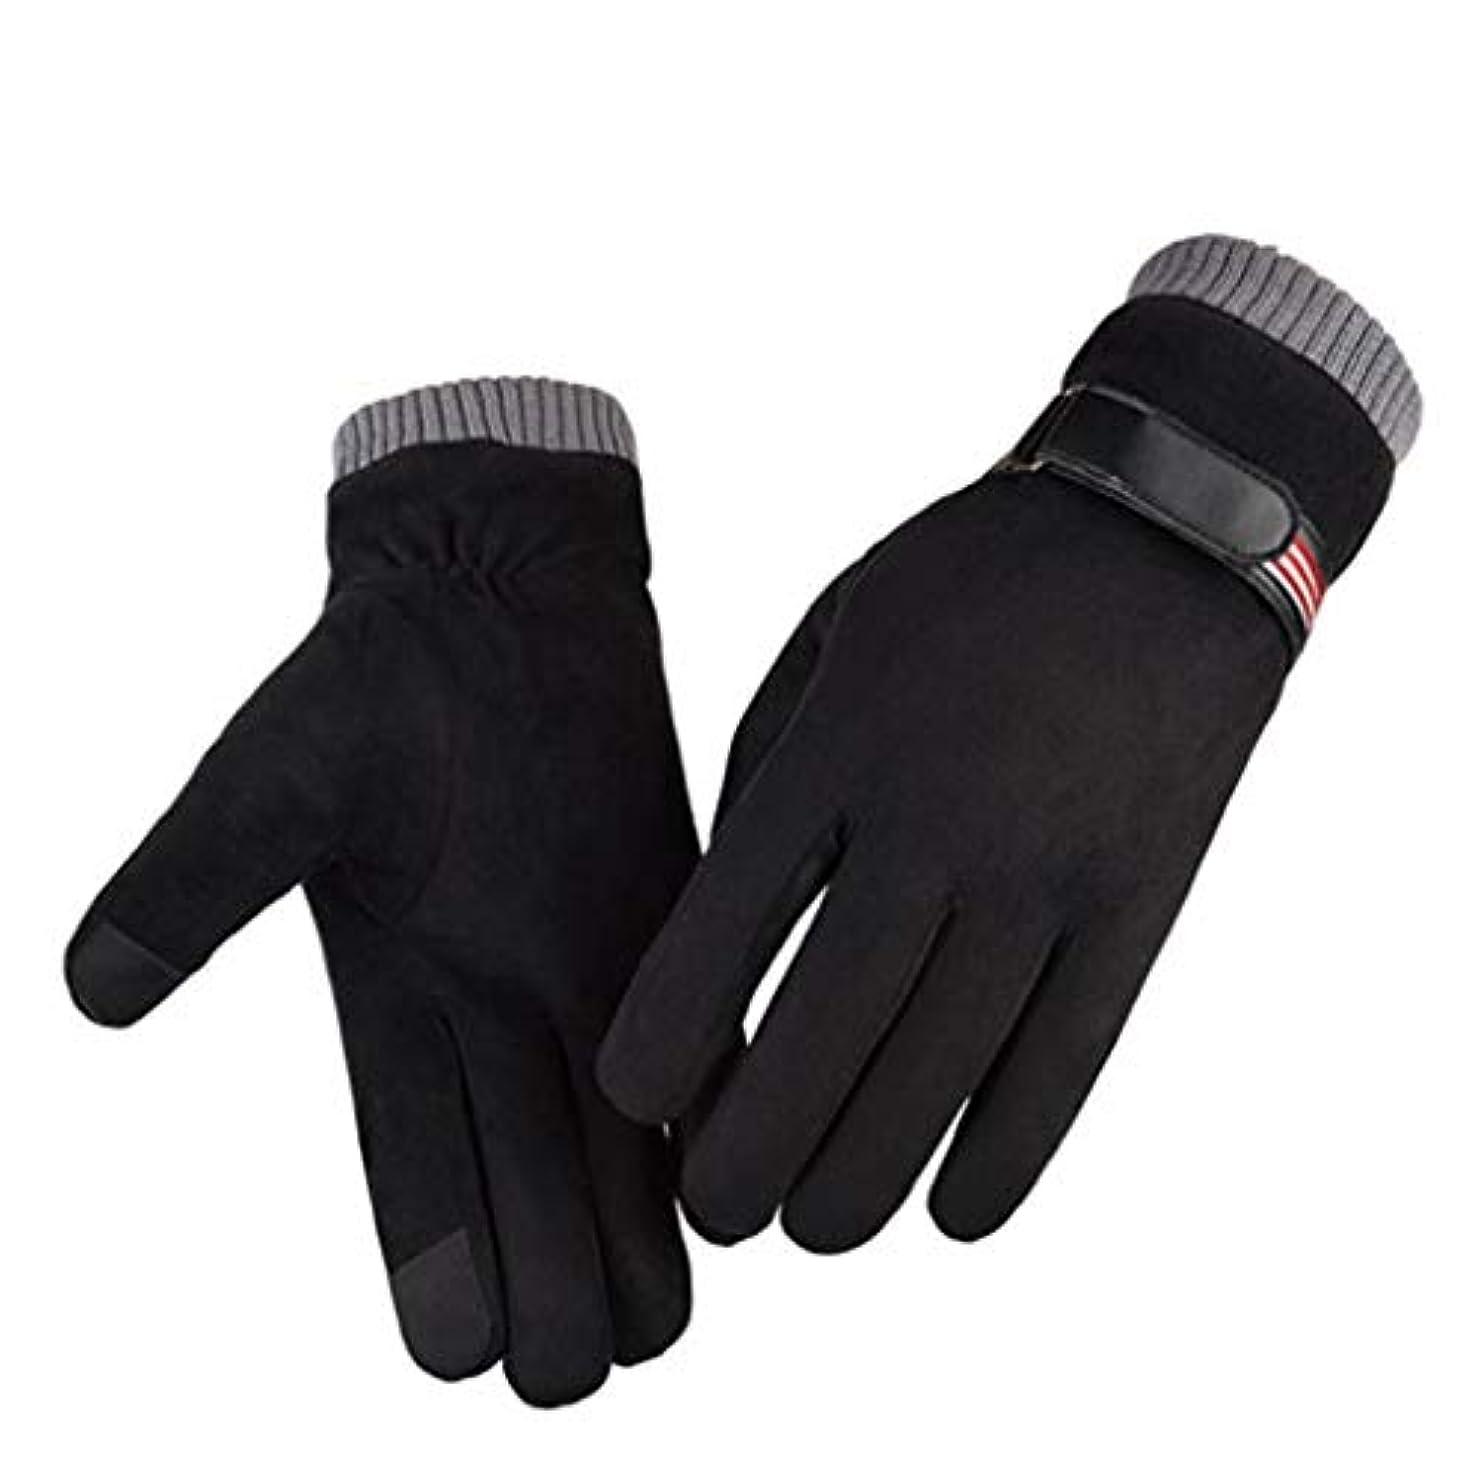 学んだ宿題をするシンボル革手袋男性の秋と冬のファッションプラスベルベット厚い暖かい防風コールドライドアンチスキッドタッチスクリーンスエード手袋の男性